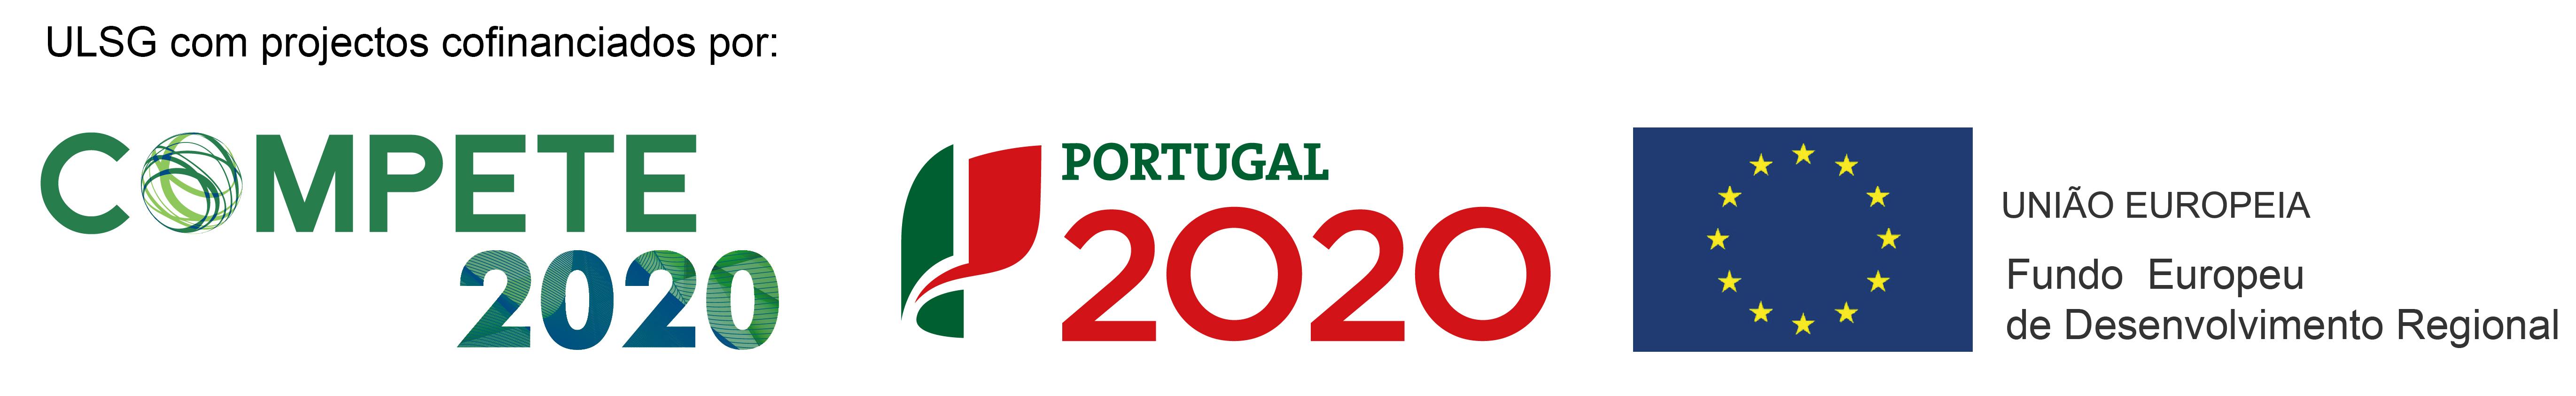 ULSG com projectos cofinanciados por: Compete 2020, Portugal 2020, União Europeia Fundo Europeu de Desenvolvimento Regional